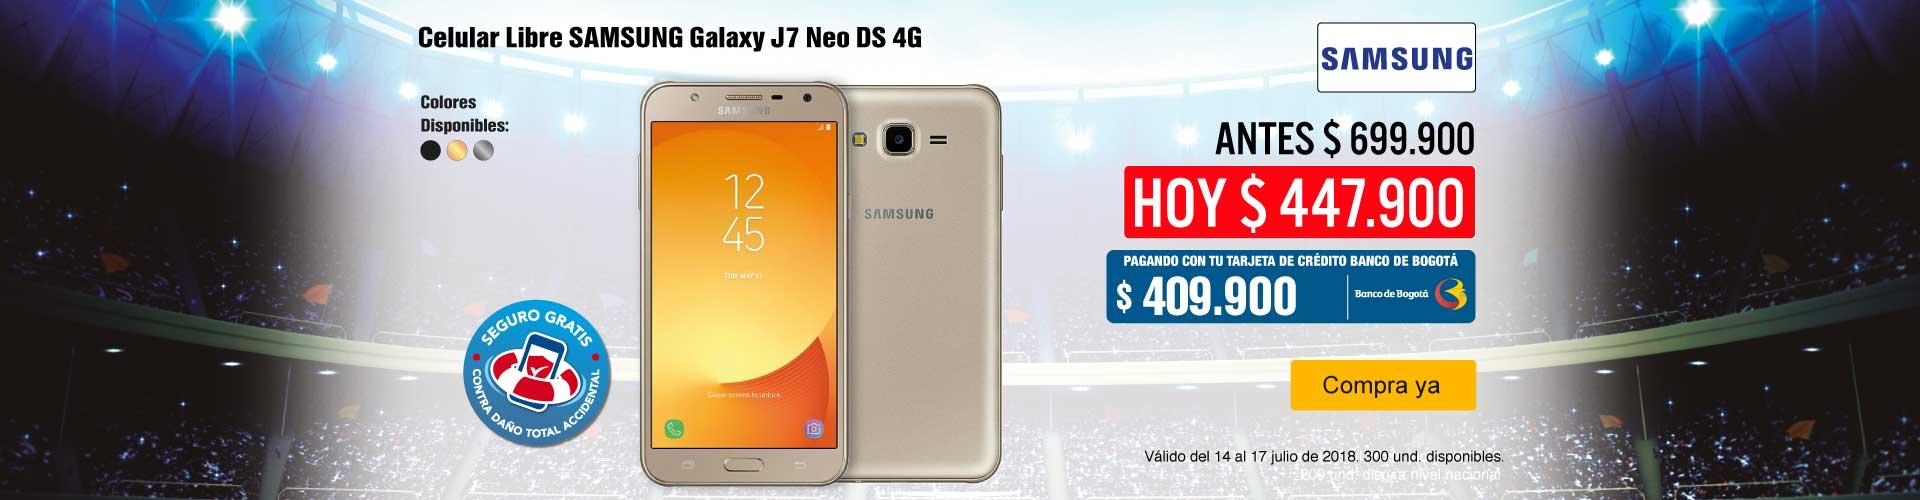 KT-PPAL-2-celulares-PP---Samsung-J7Neo-Jul14